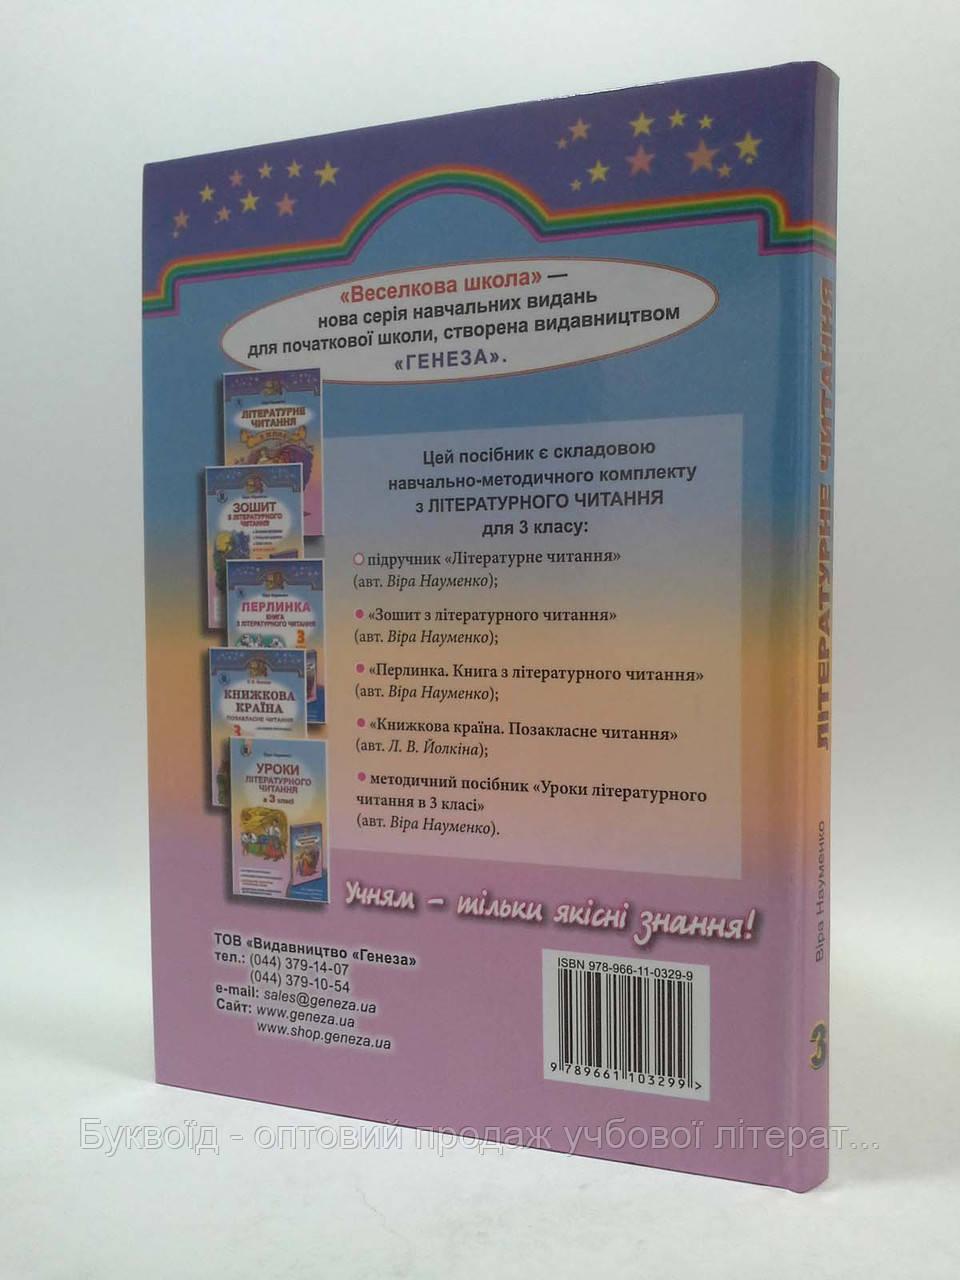 Підручник Літературне читання 3 клас Науменко Генеза  продажа 0cb8c42213570